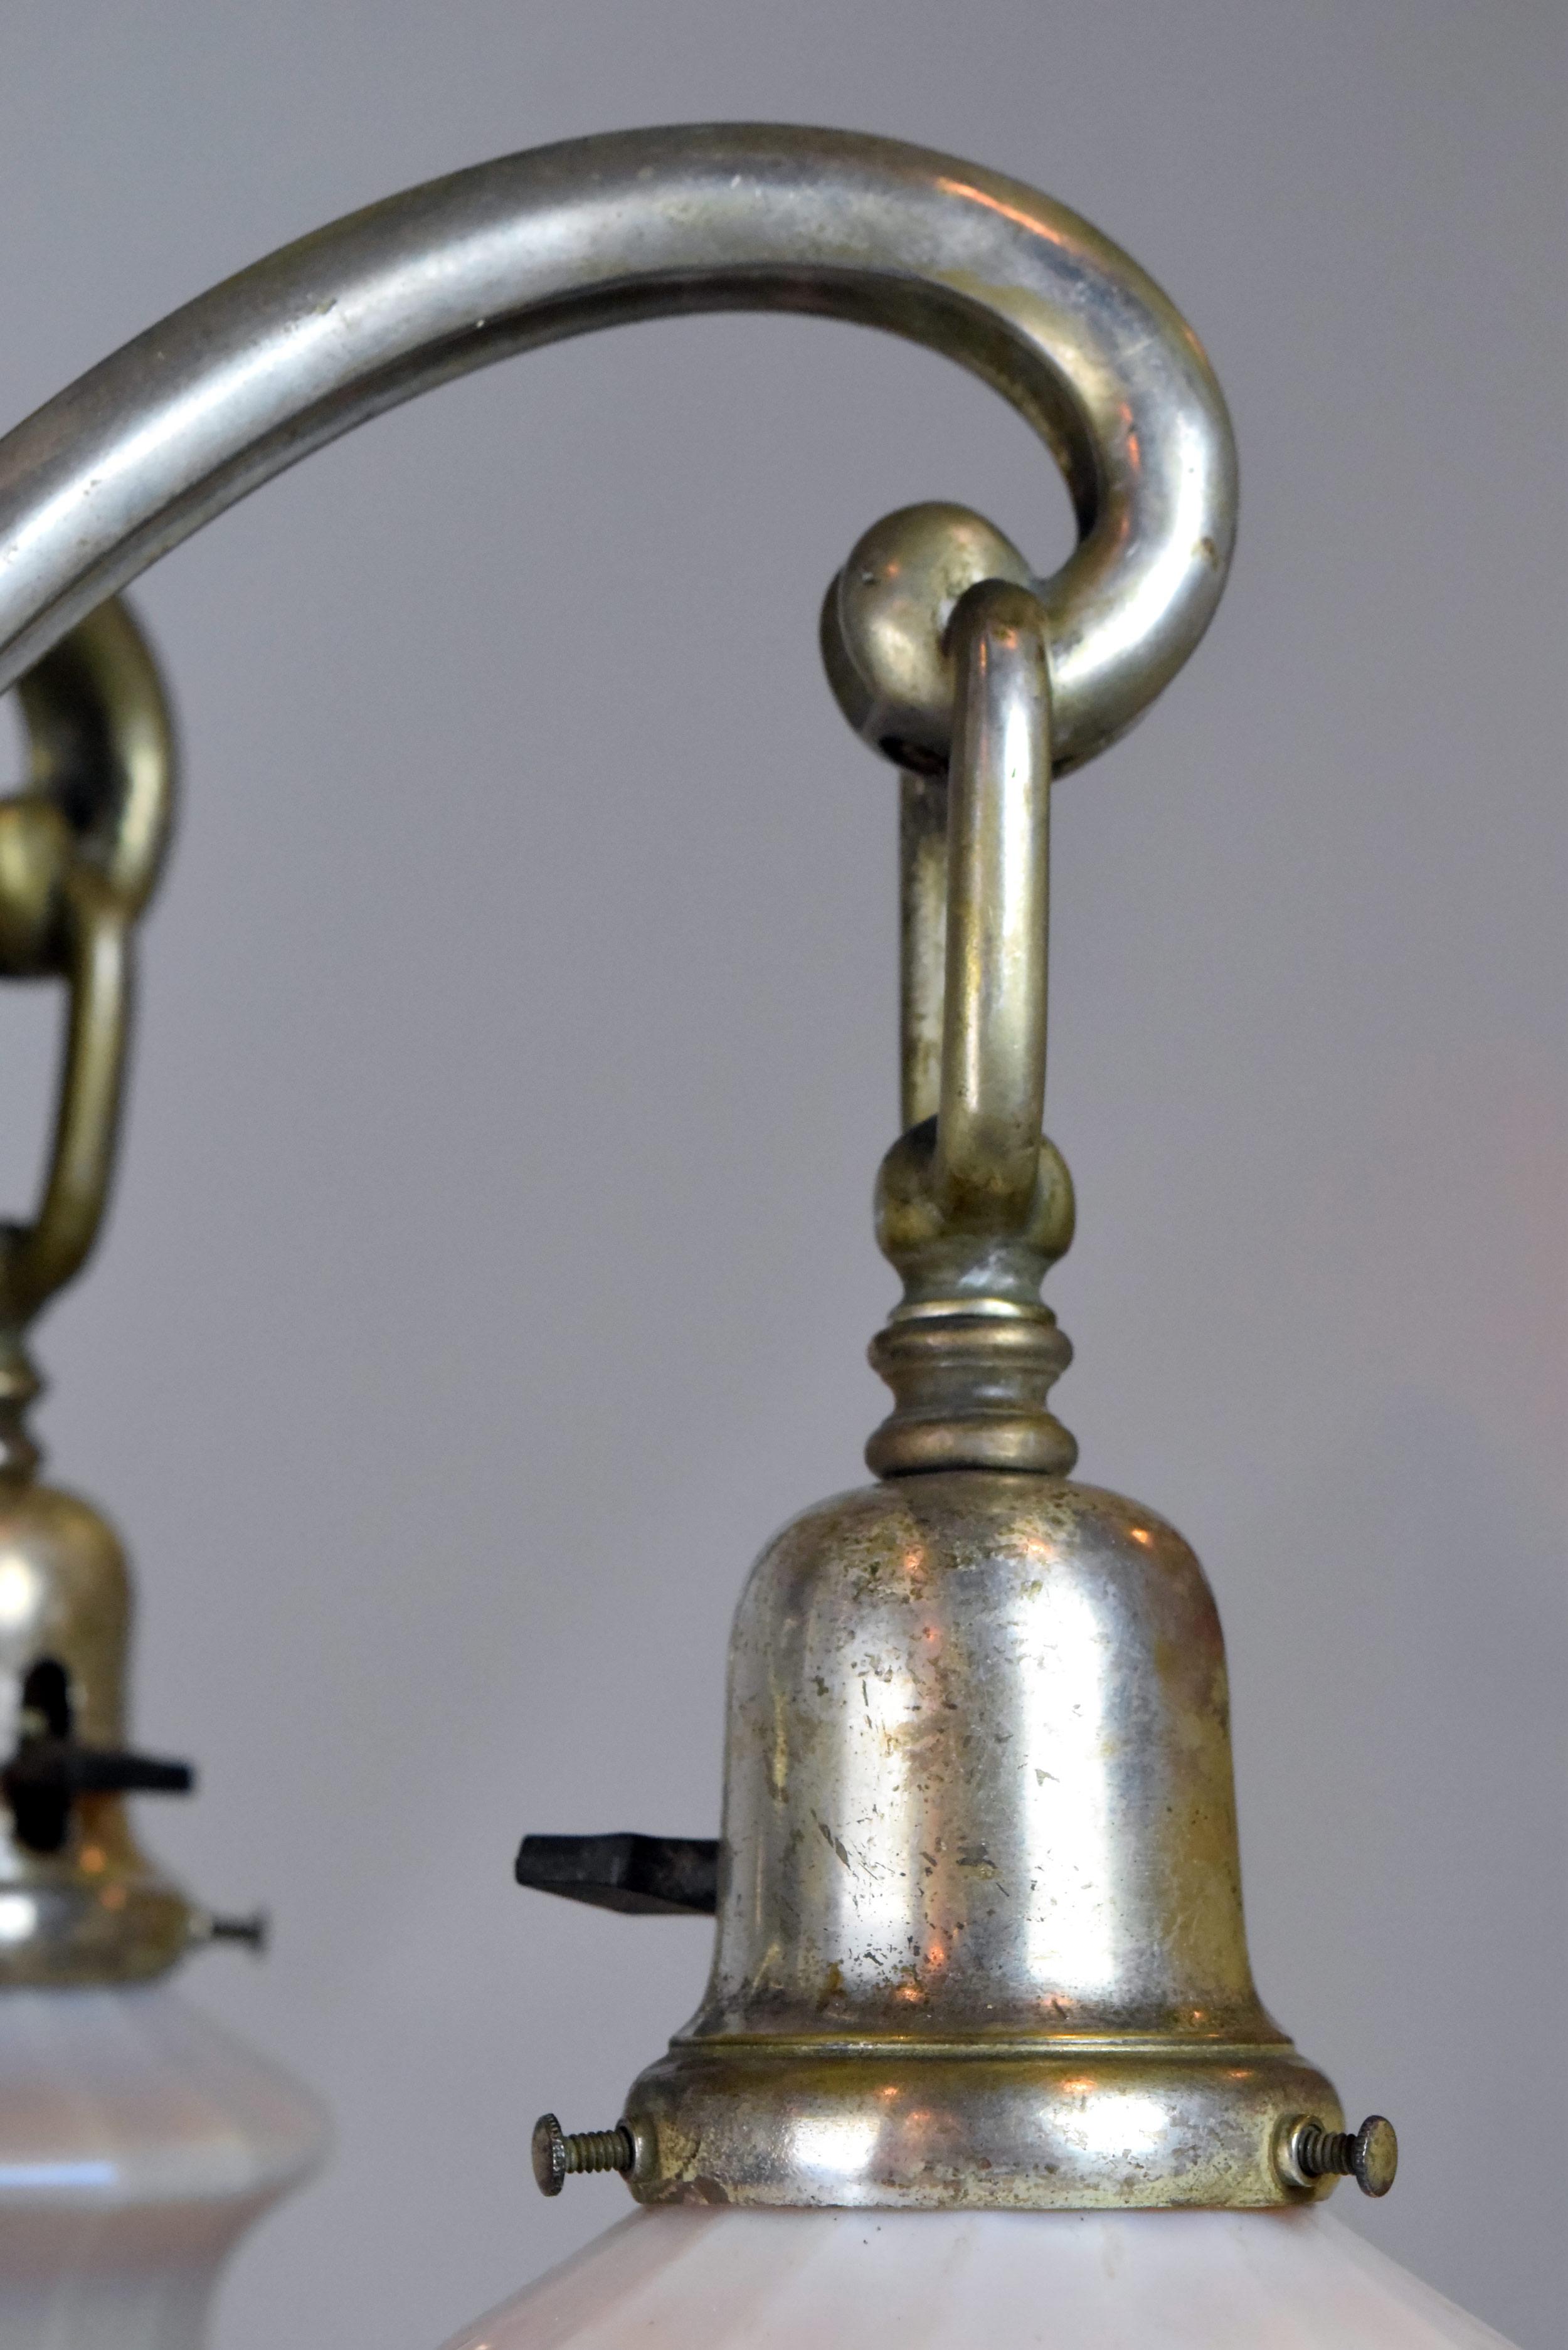 47533-silver-plated-art-nouveau-chandelier-arm-detail.jpg